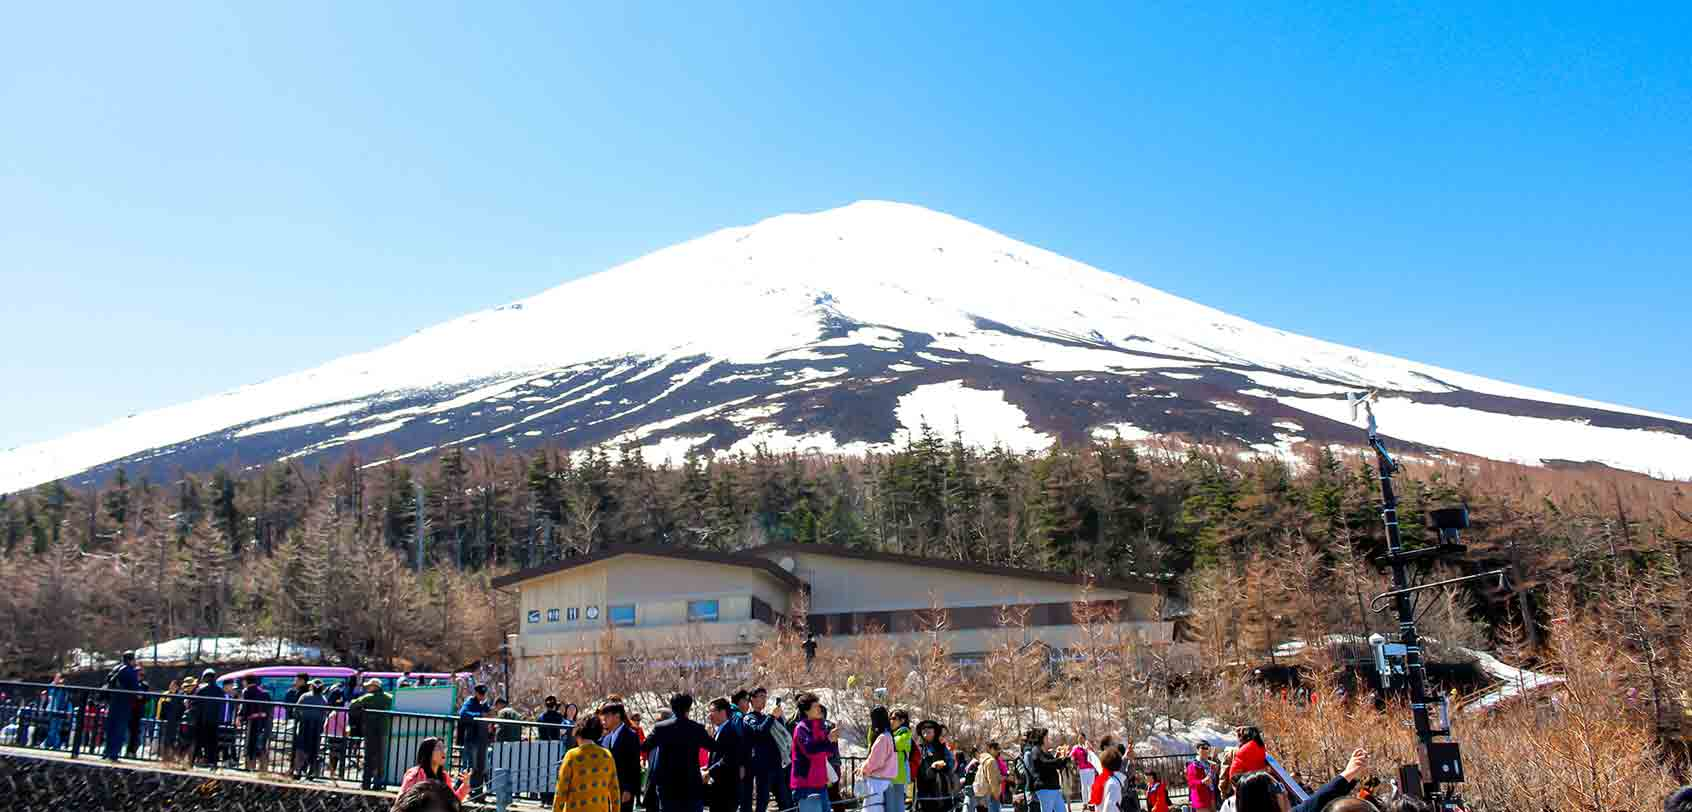 5th-station-fujisangogome-mt-fuji-day-tour-trip-tokyo-japan-book-travel-plan-tip-stops-5th-station-fujisan